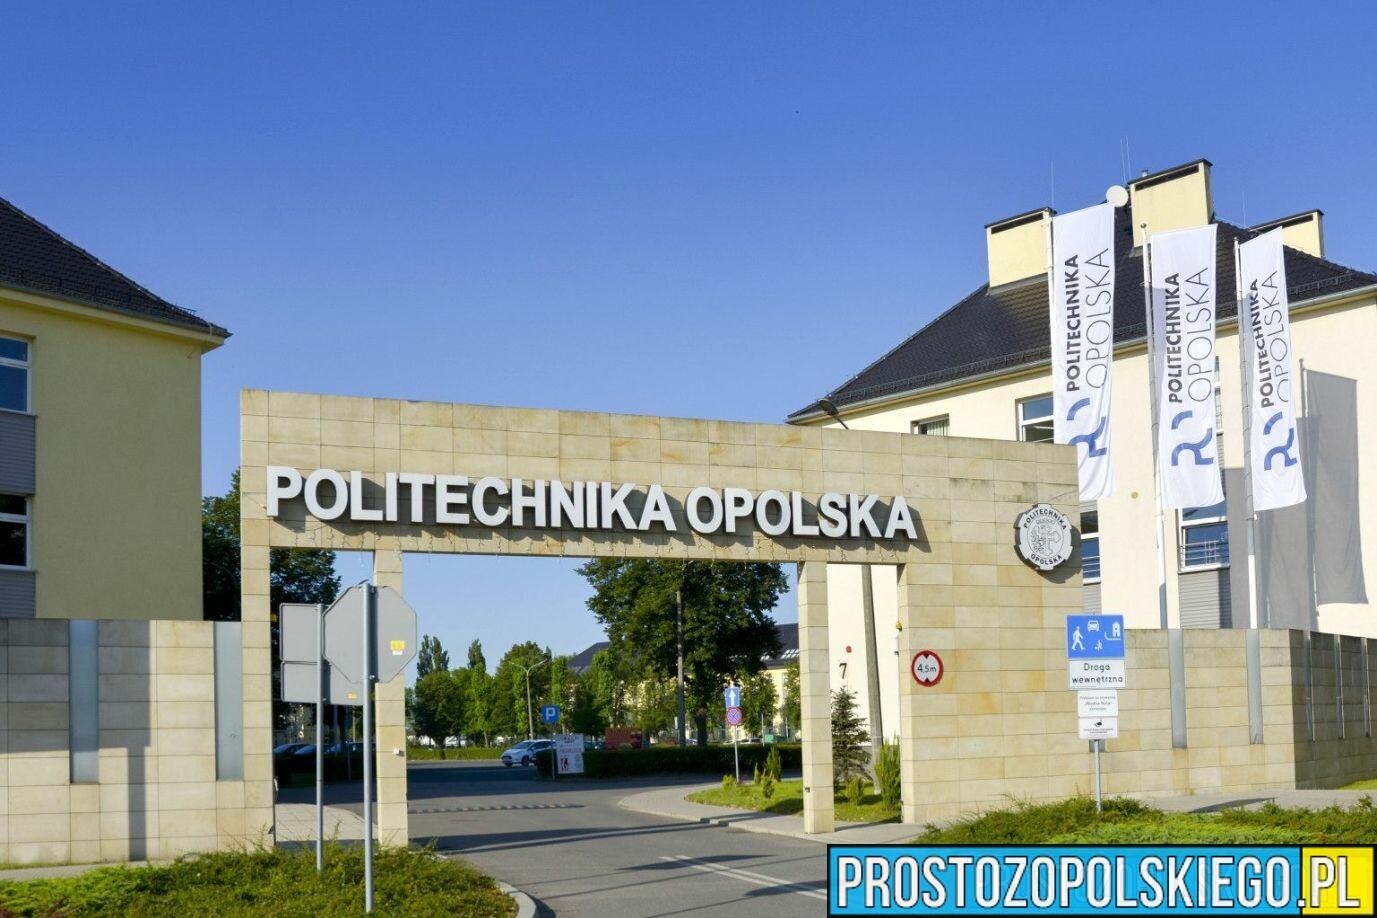 Nowa oferta Politechniki Opolskiej: Obsługa inwestycji w gospodarce